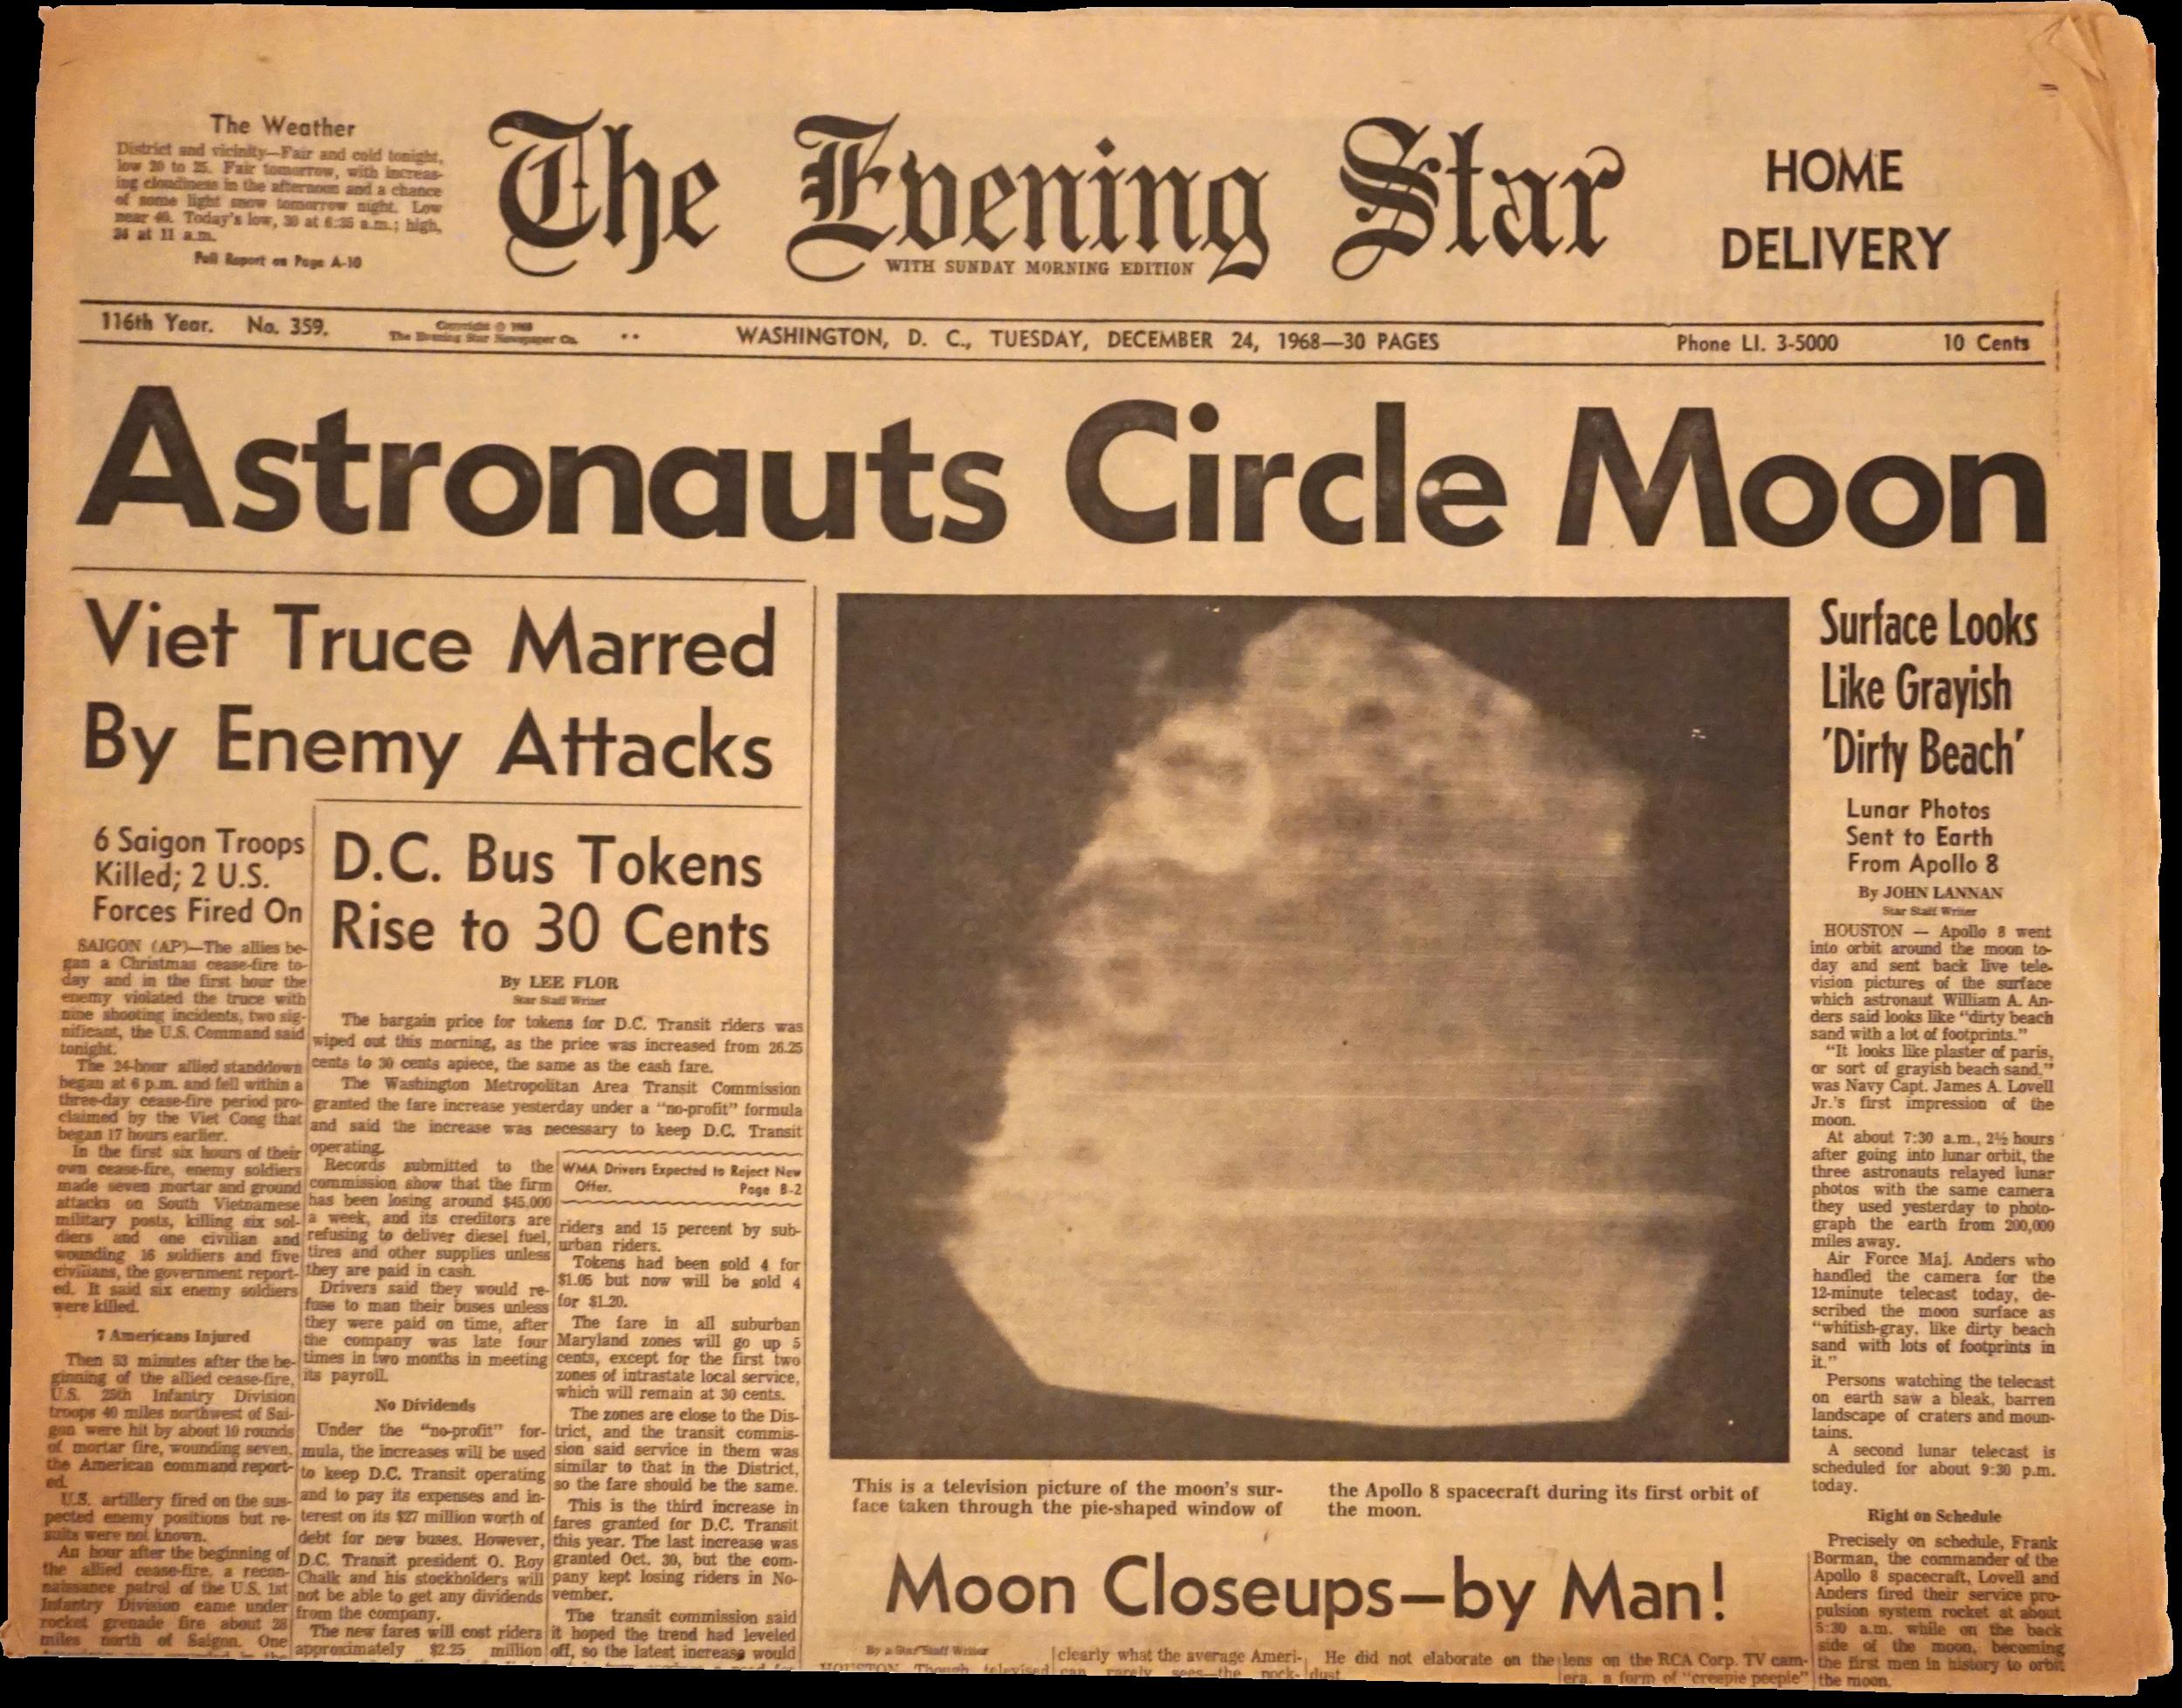 ERM-1968-NEWSPAPER-EVENING_STAR-122468.png